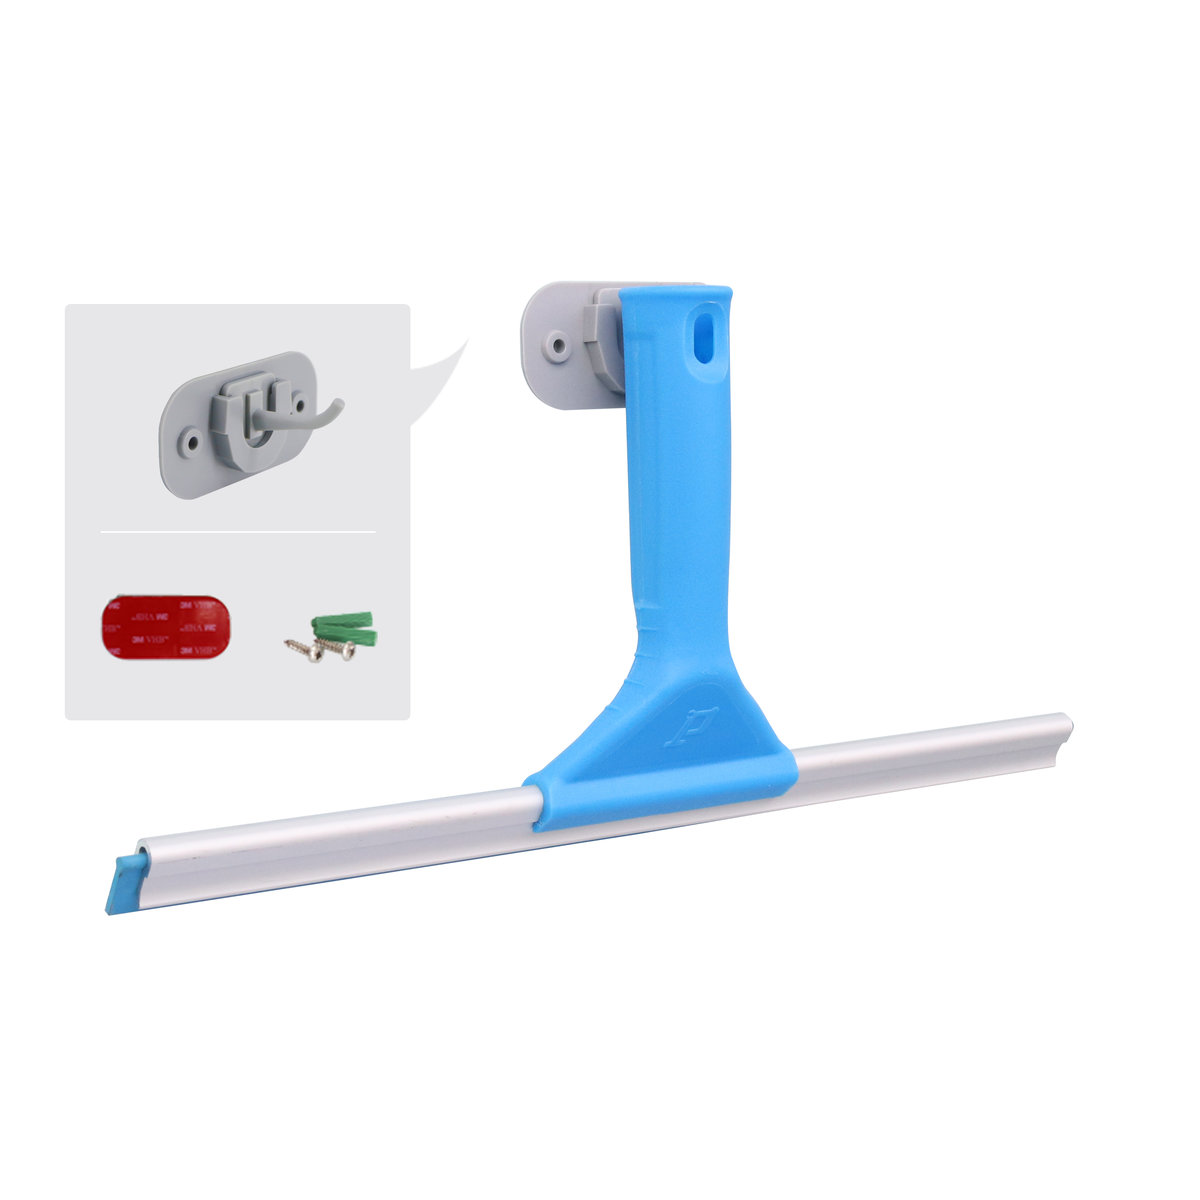 玻璃刮水器/水刮/窗刮連掛鉤套裝,25cm(免釘, 免打孔, 3M貼掛鉤, 可收納懸掛玻璃刮)[HT-PHC019]